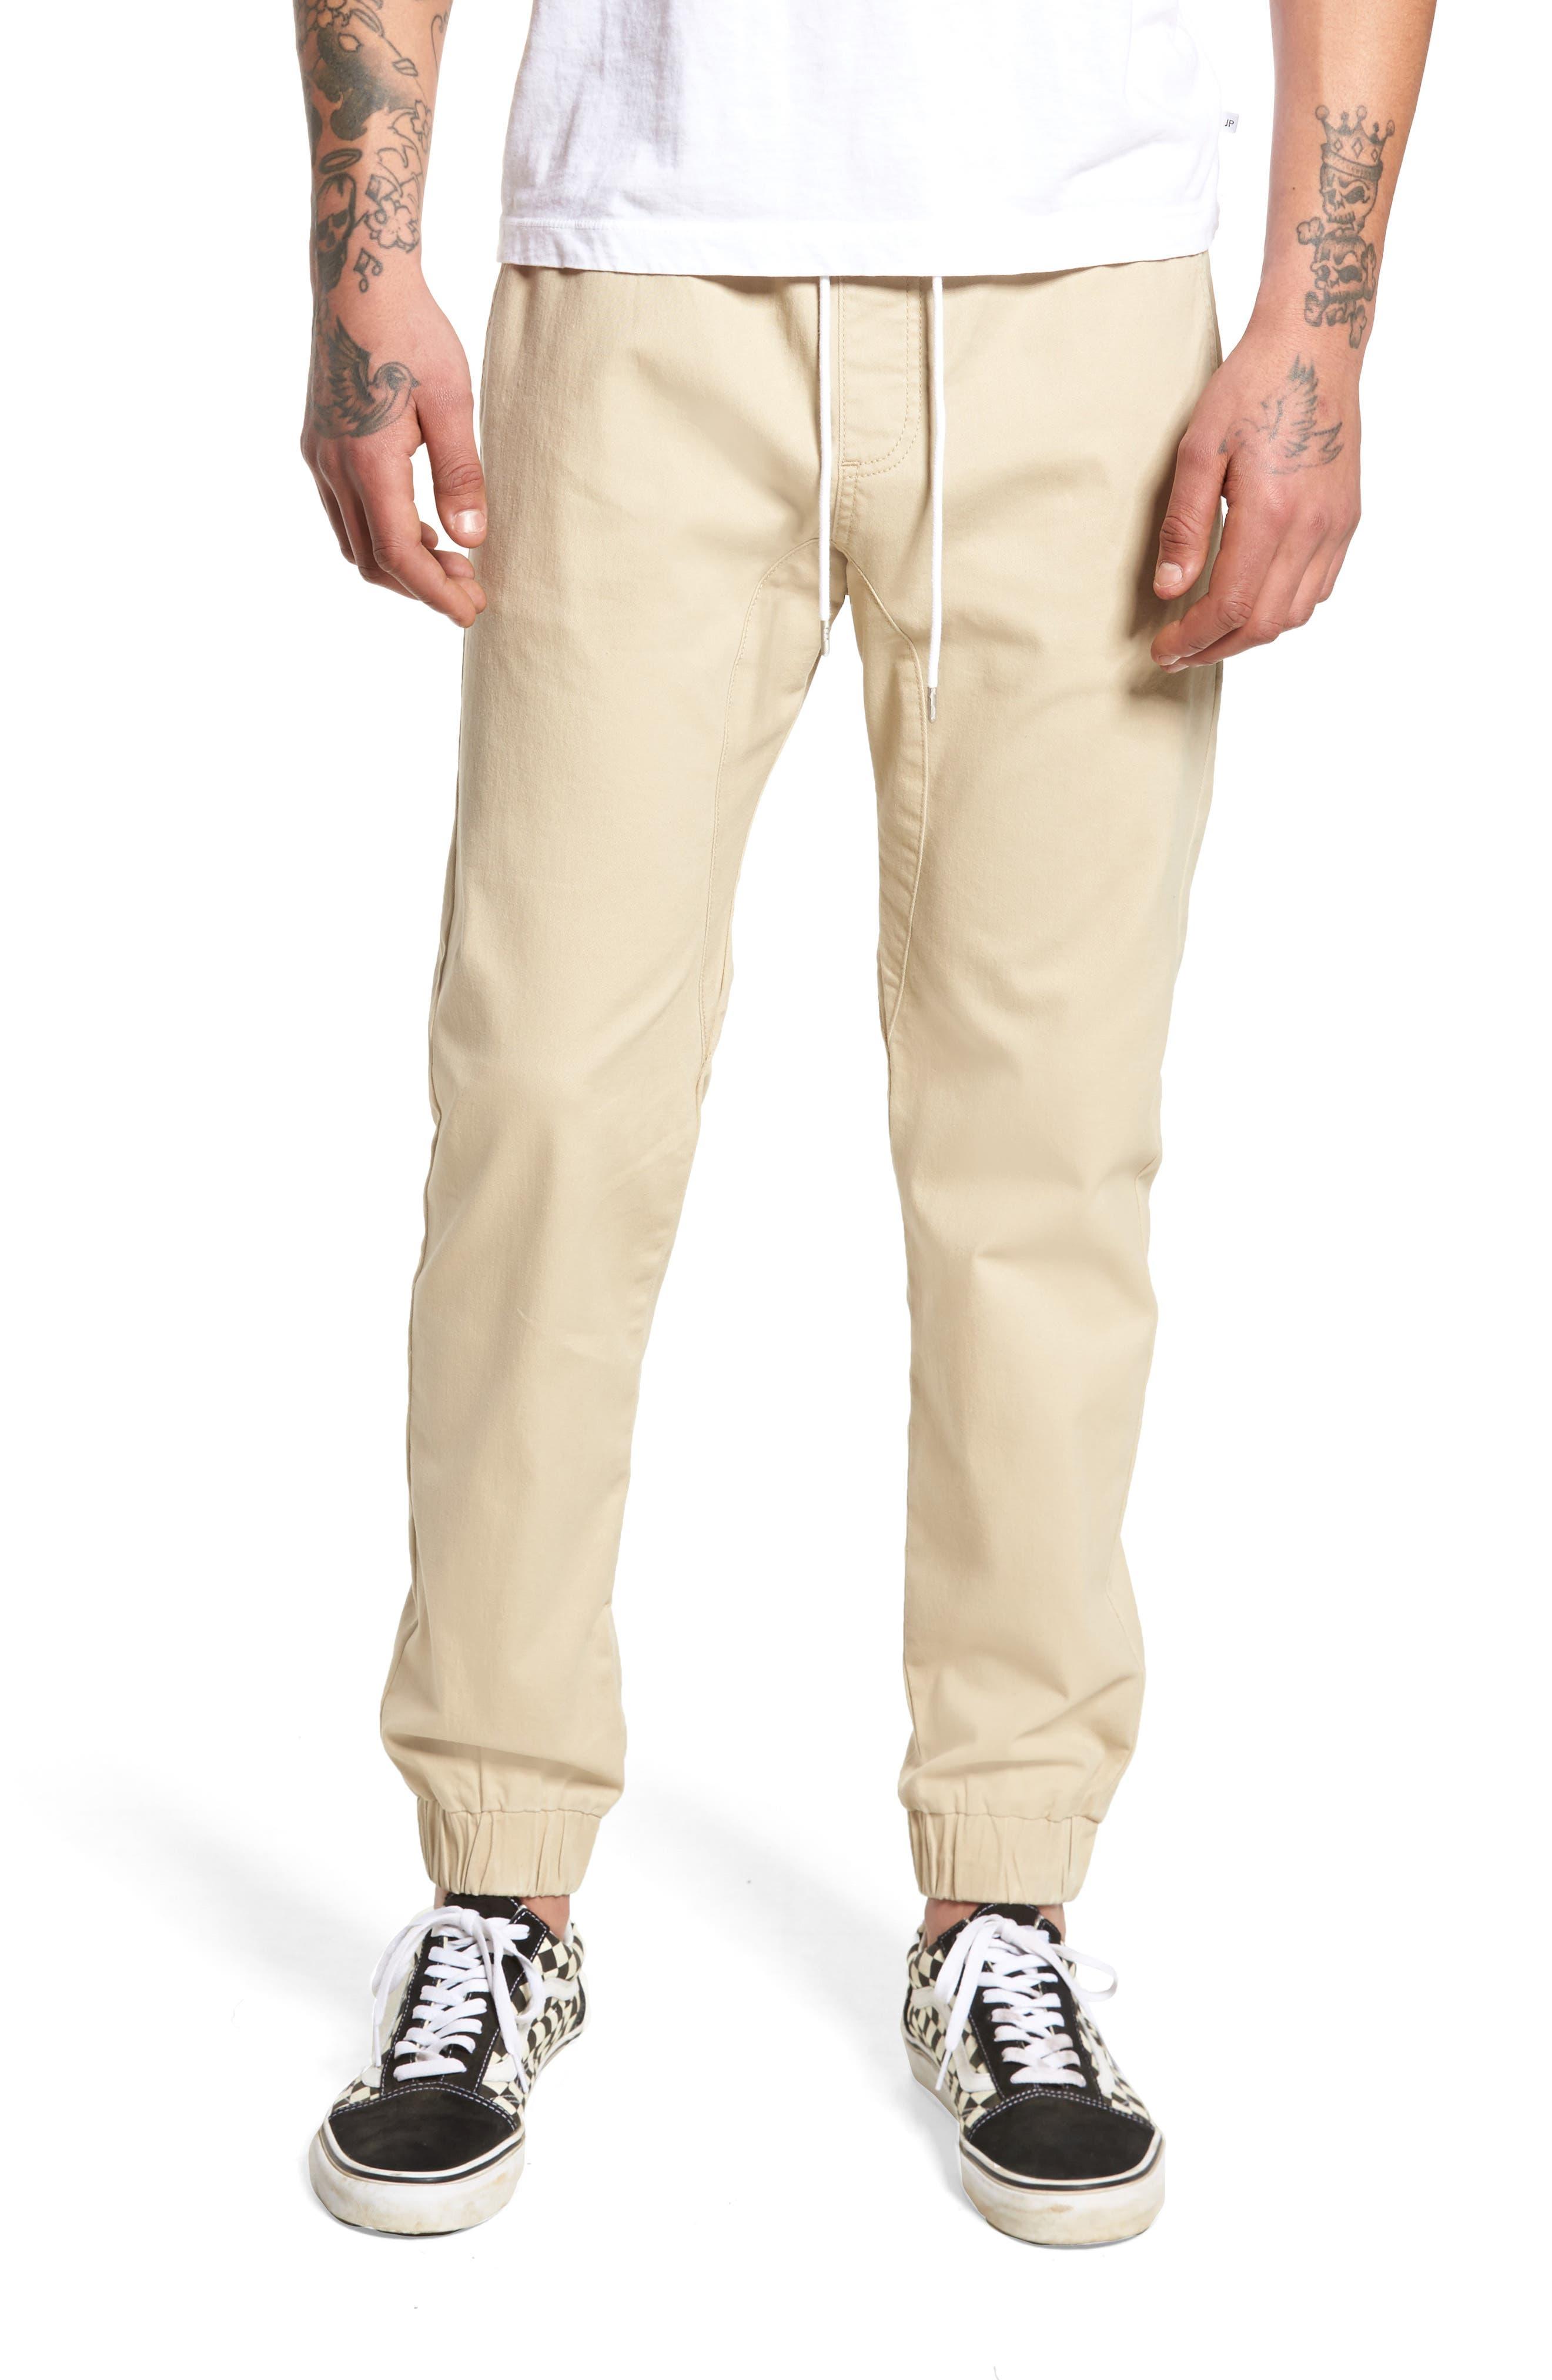 The Rail Jogger Pants